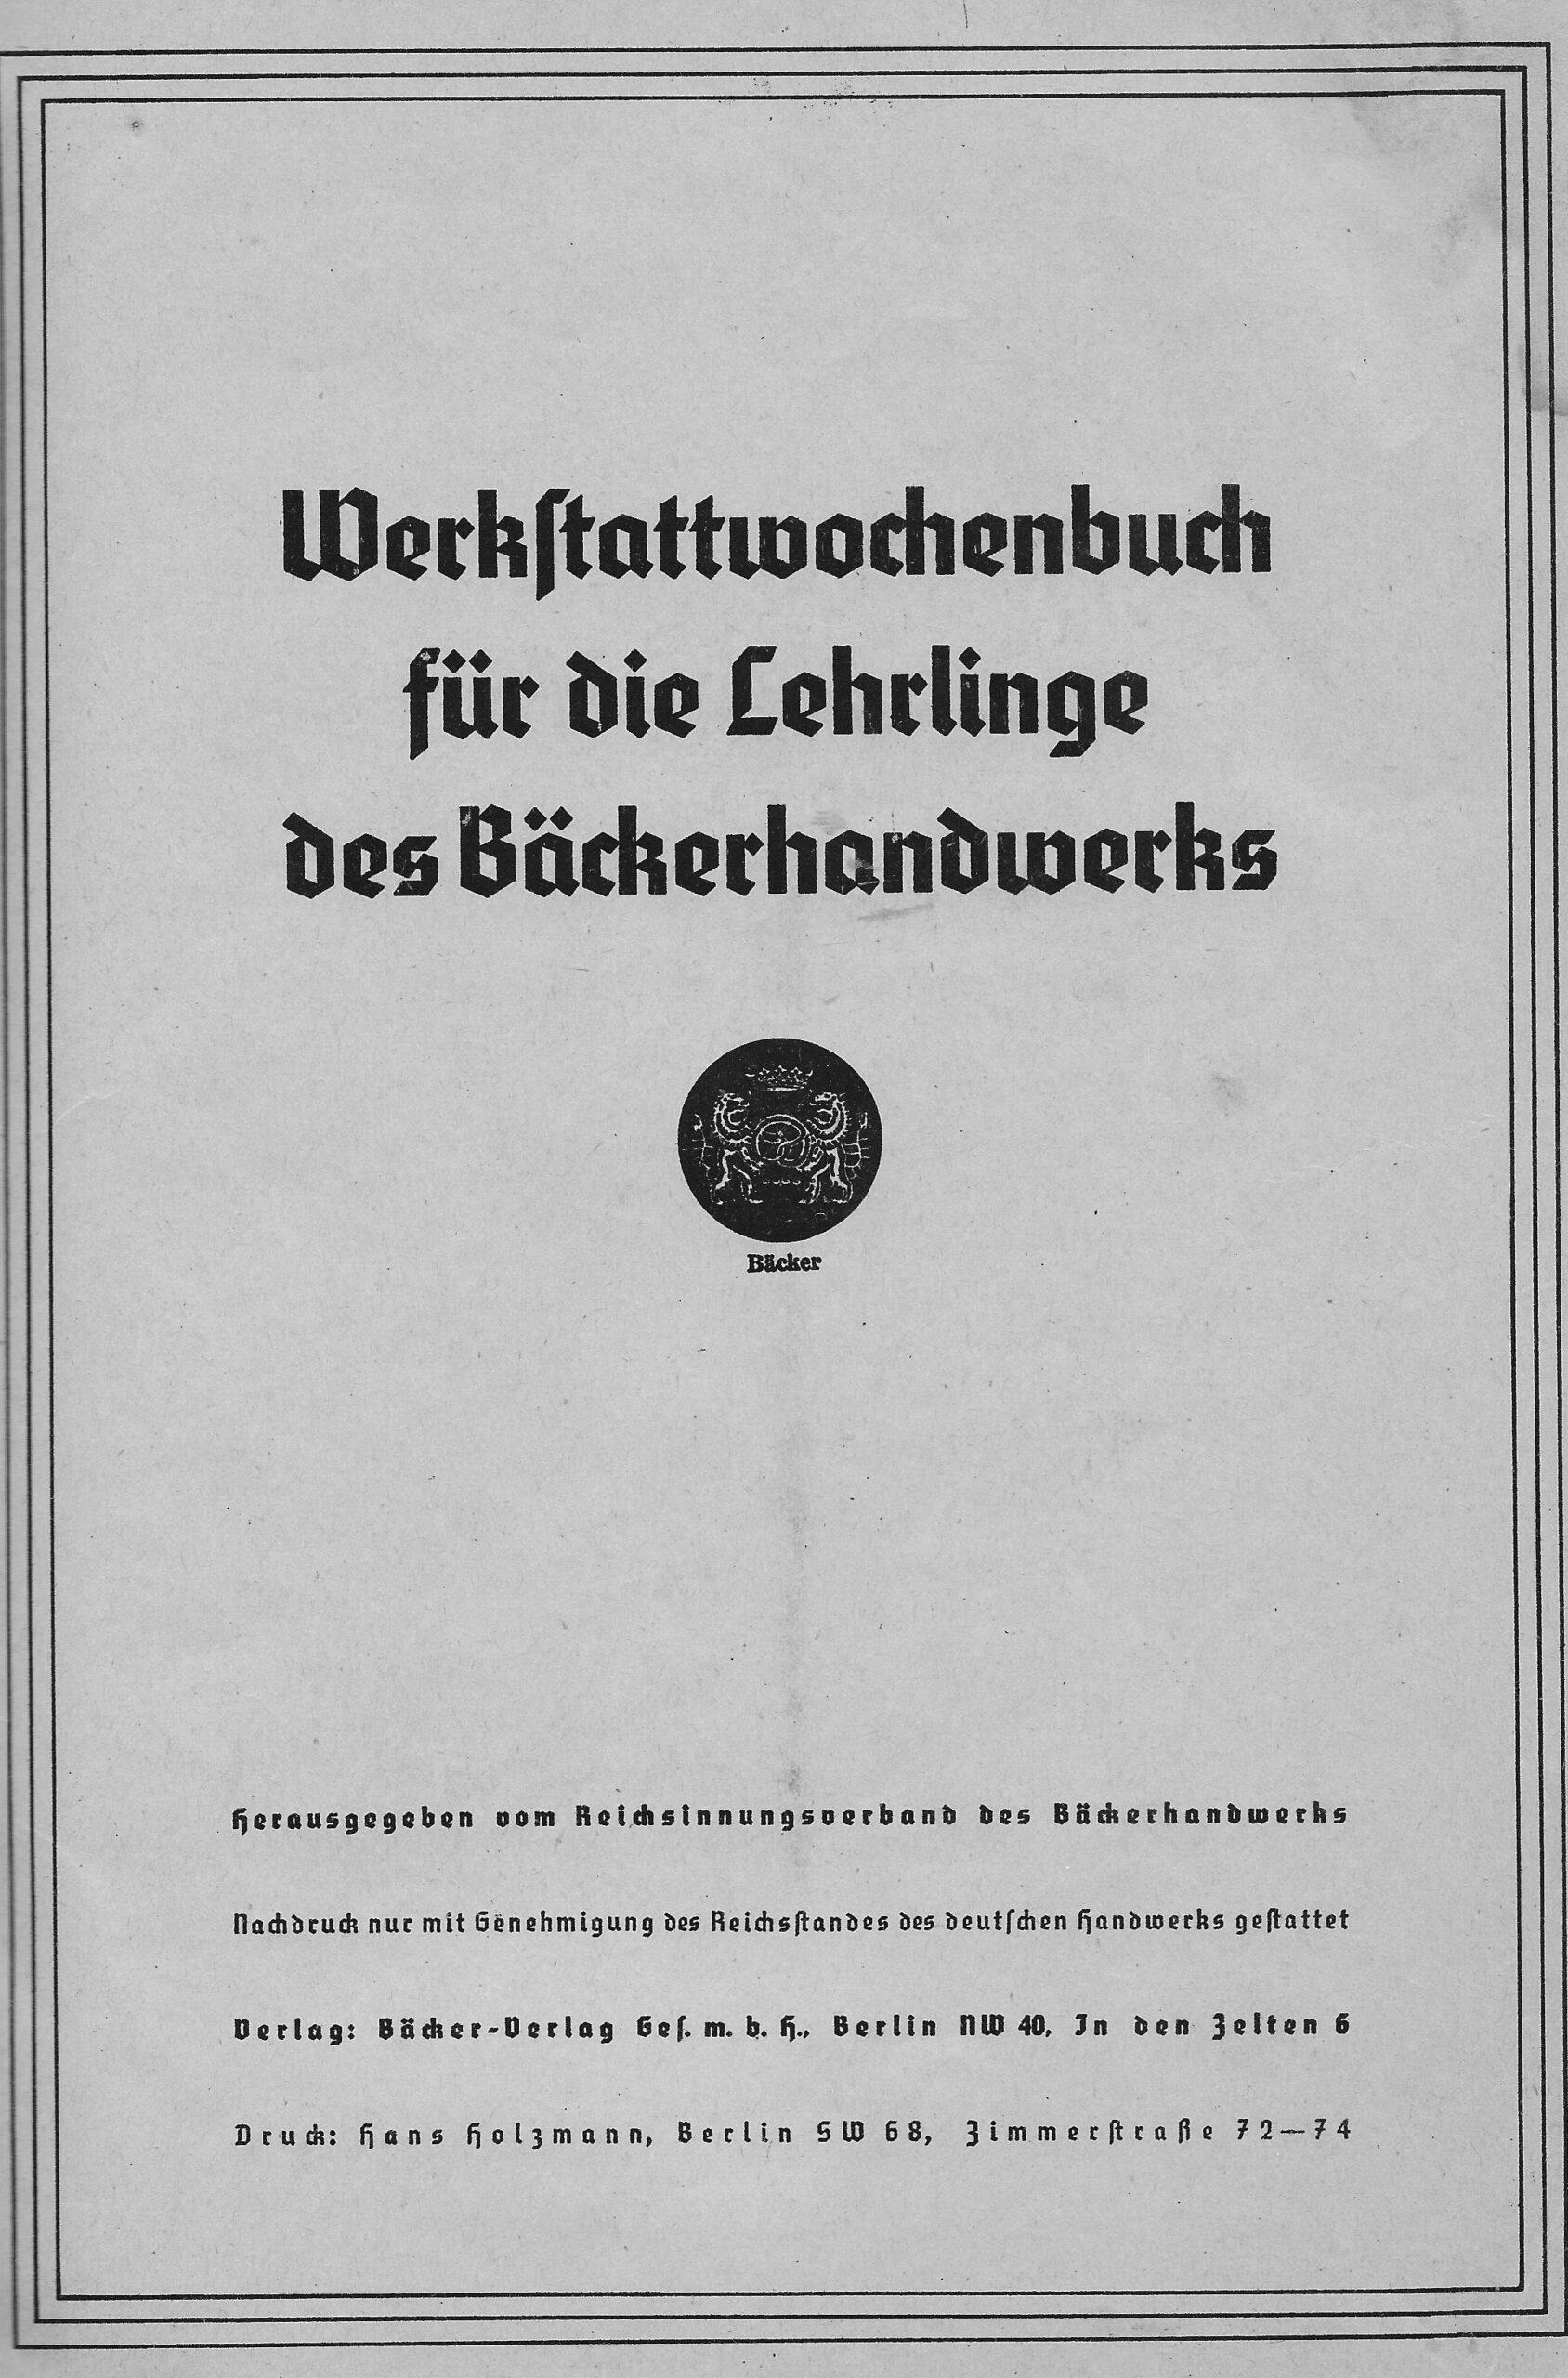 2 Riedle Werkstattwochenbuch